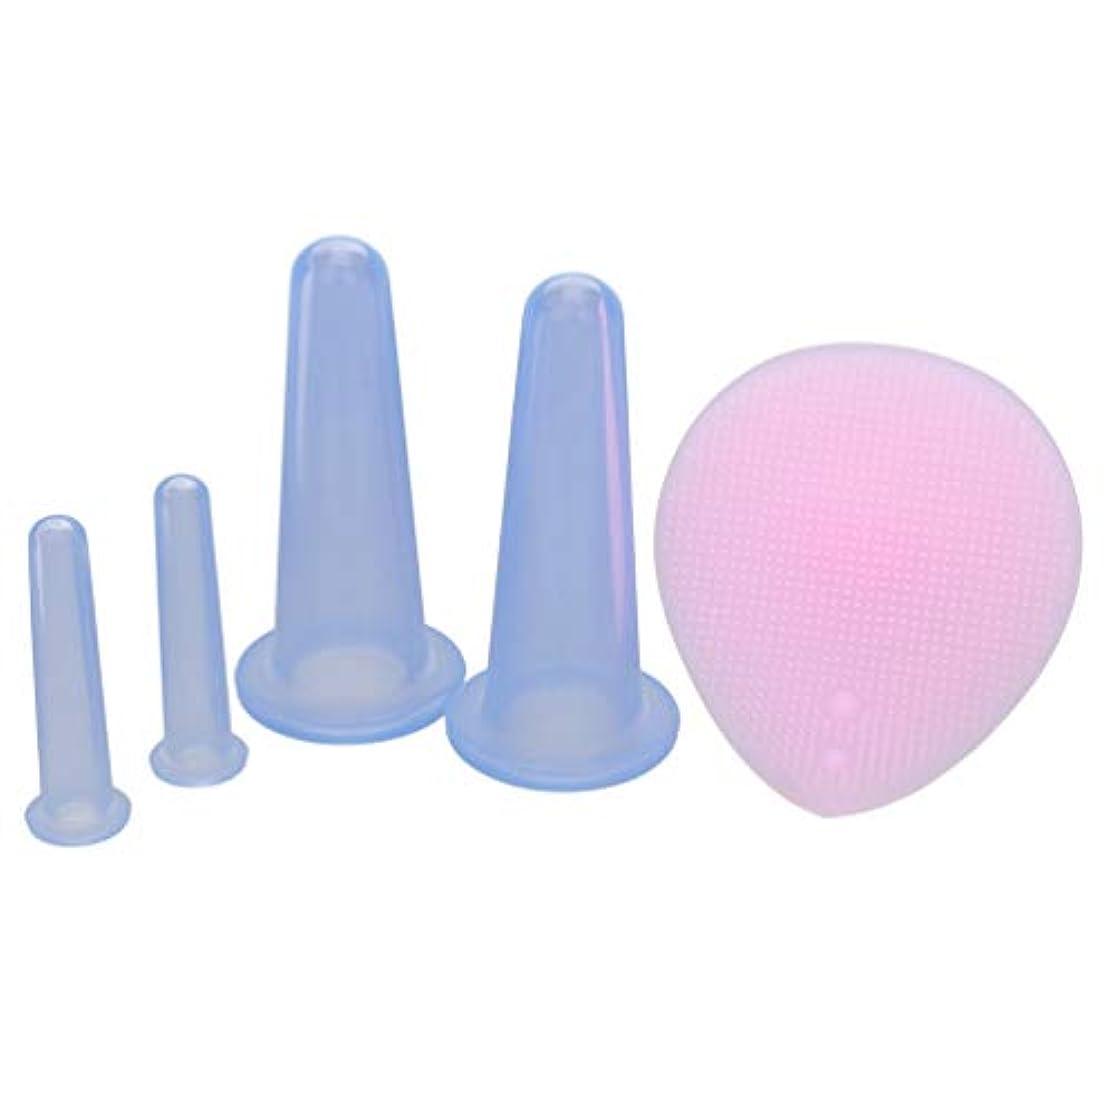 あたり懐電球Healifty 5pcsシリコンフェイシャルカッピングセラピーセットフェイスラインとアイカッピングマッサージカップ(ブラシ付き)